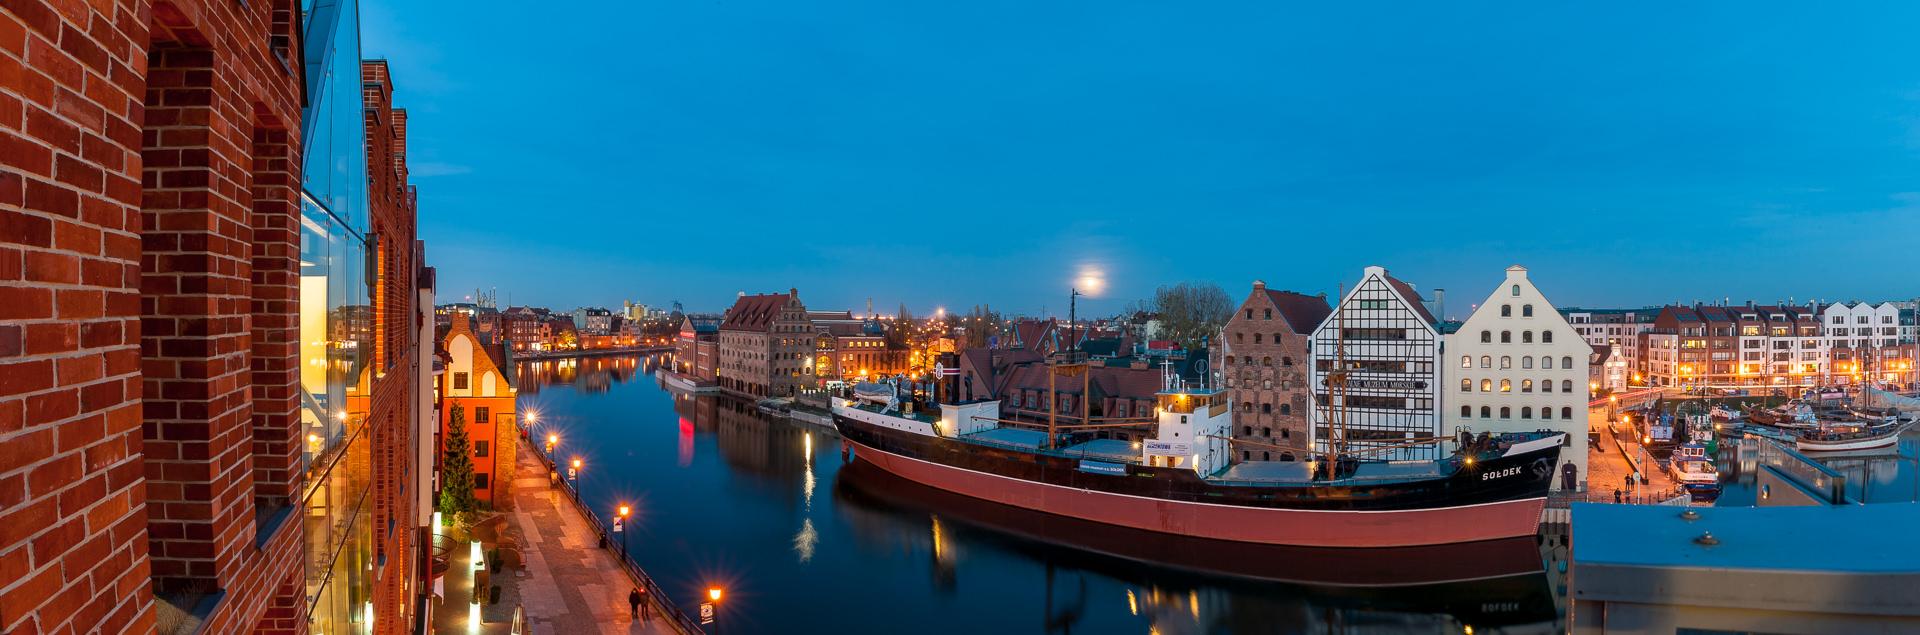 Gdańsk - Statek Sołdek na Motławie widziany w tarasu widokowego obok Żurawia